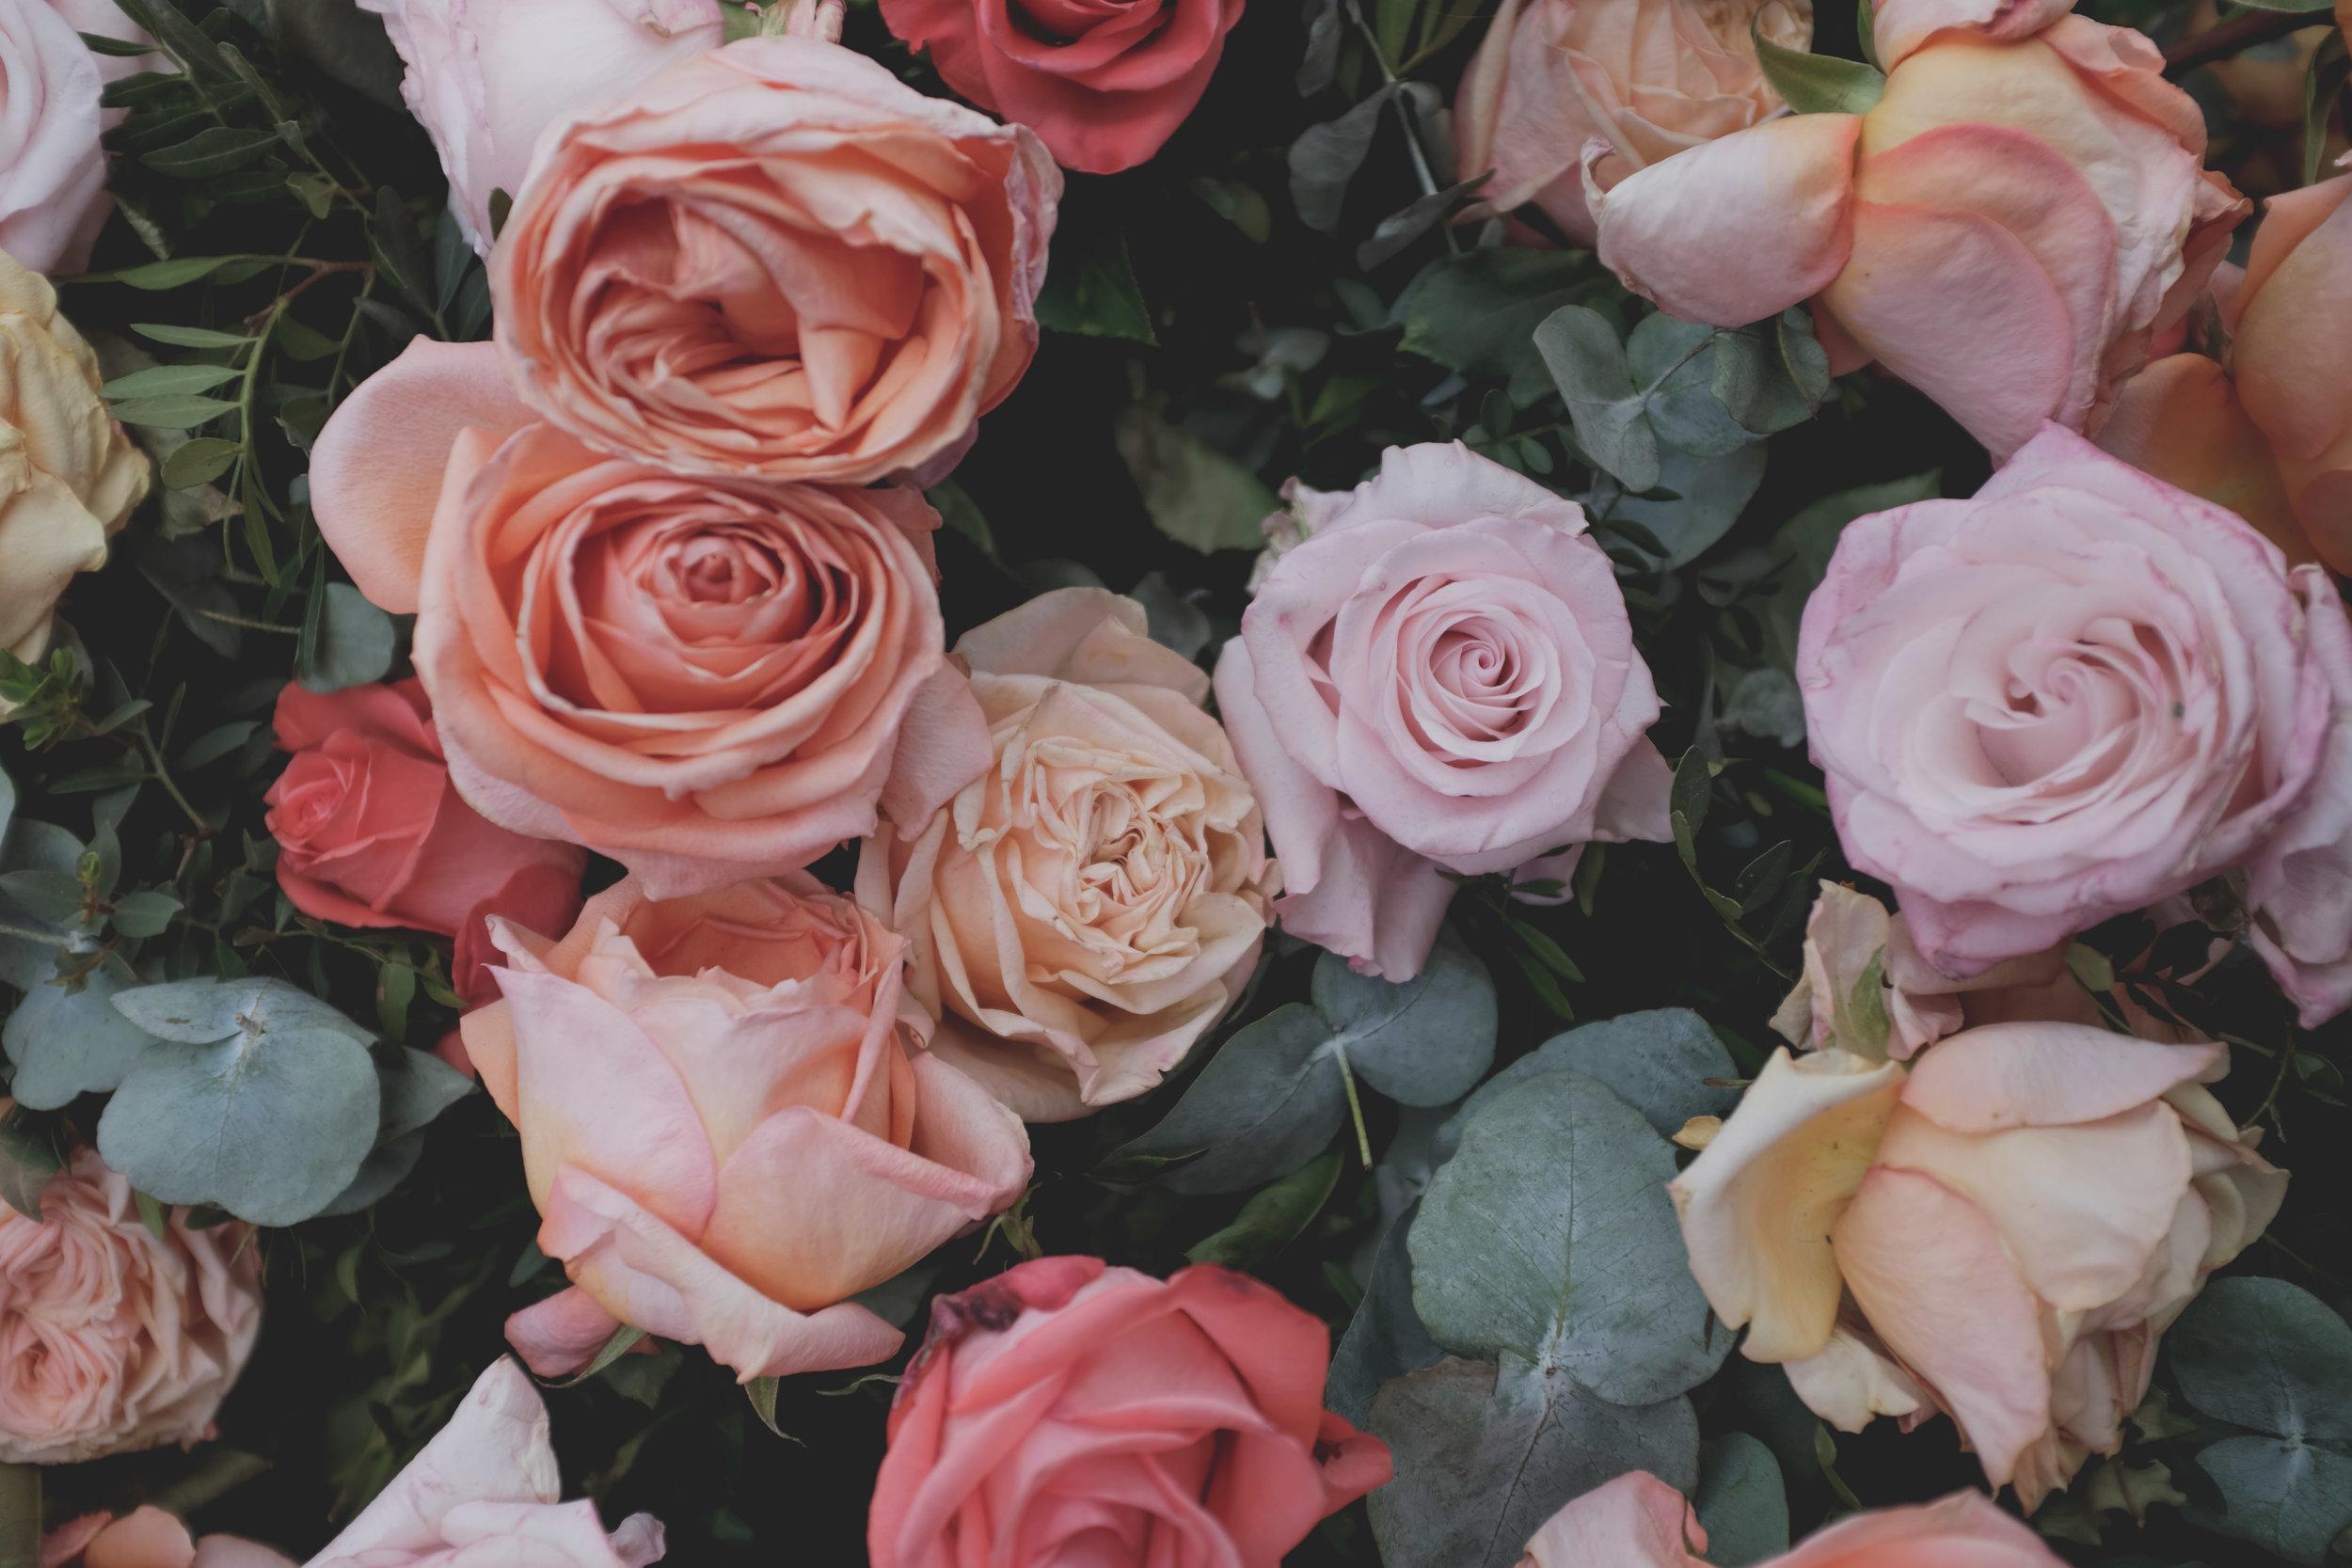 2019-05-23 Chelsea flower show-51.jpg